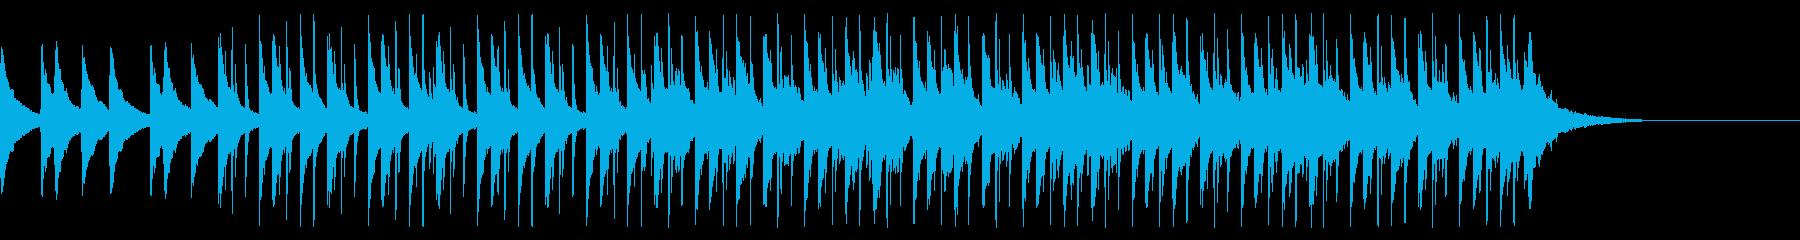 透明感あふれる朝の始まり ピアノジングルの再生済みの波形